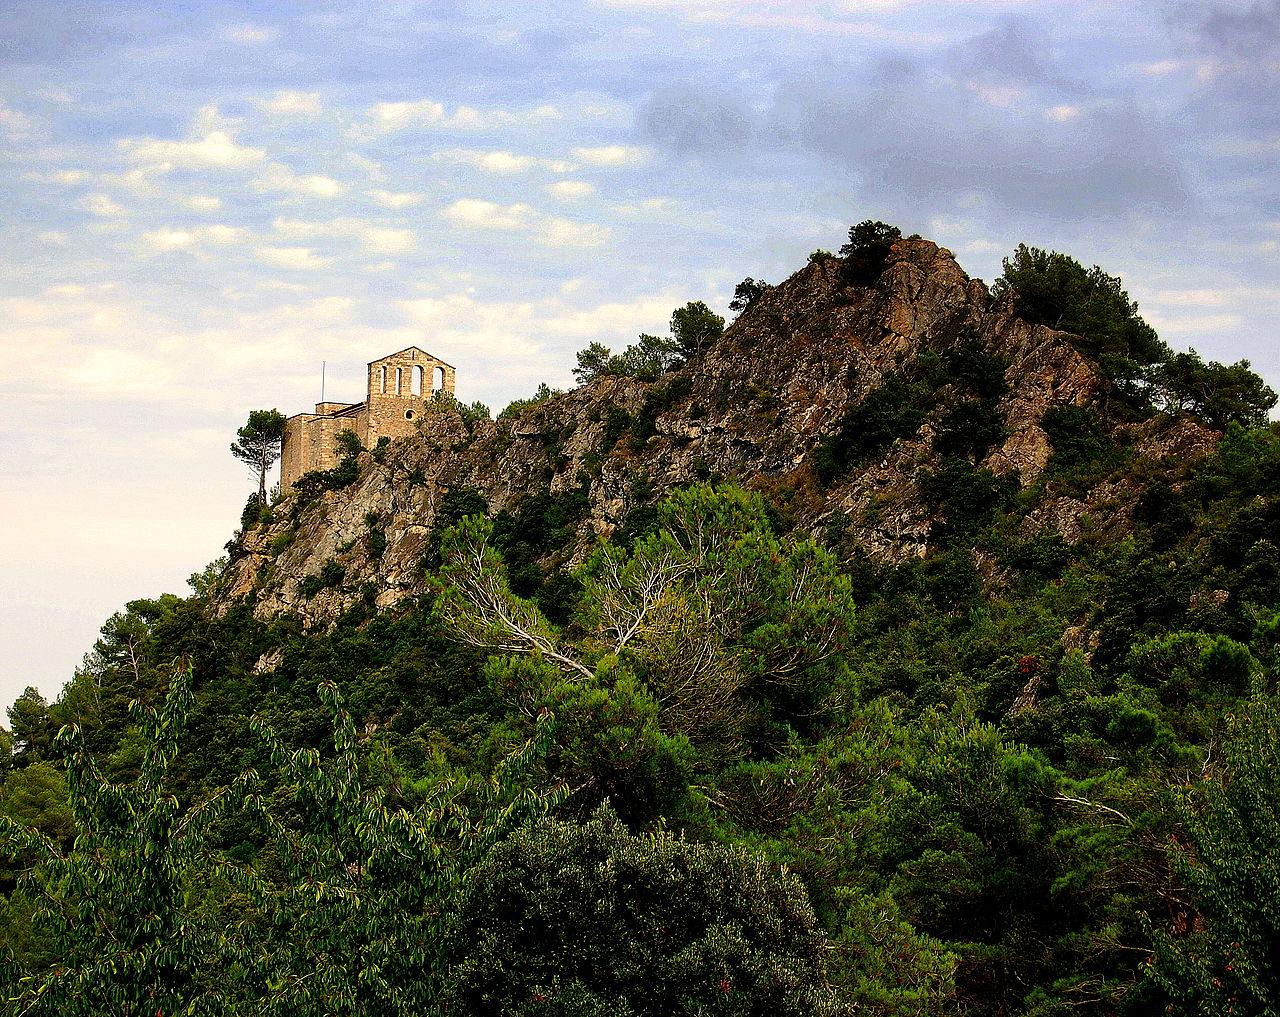 Iglesia del Castillo de Foix -Torrelles de Foix (Angela Llop, 2010)